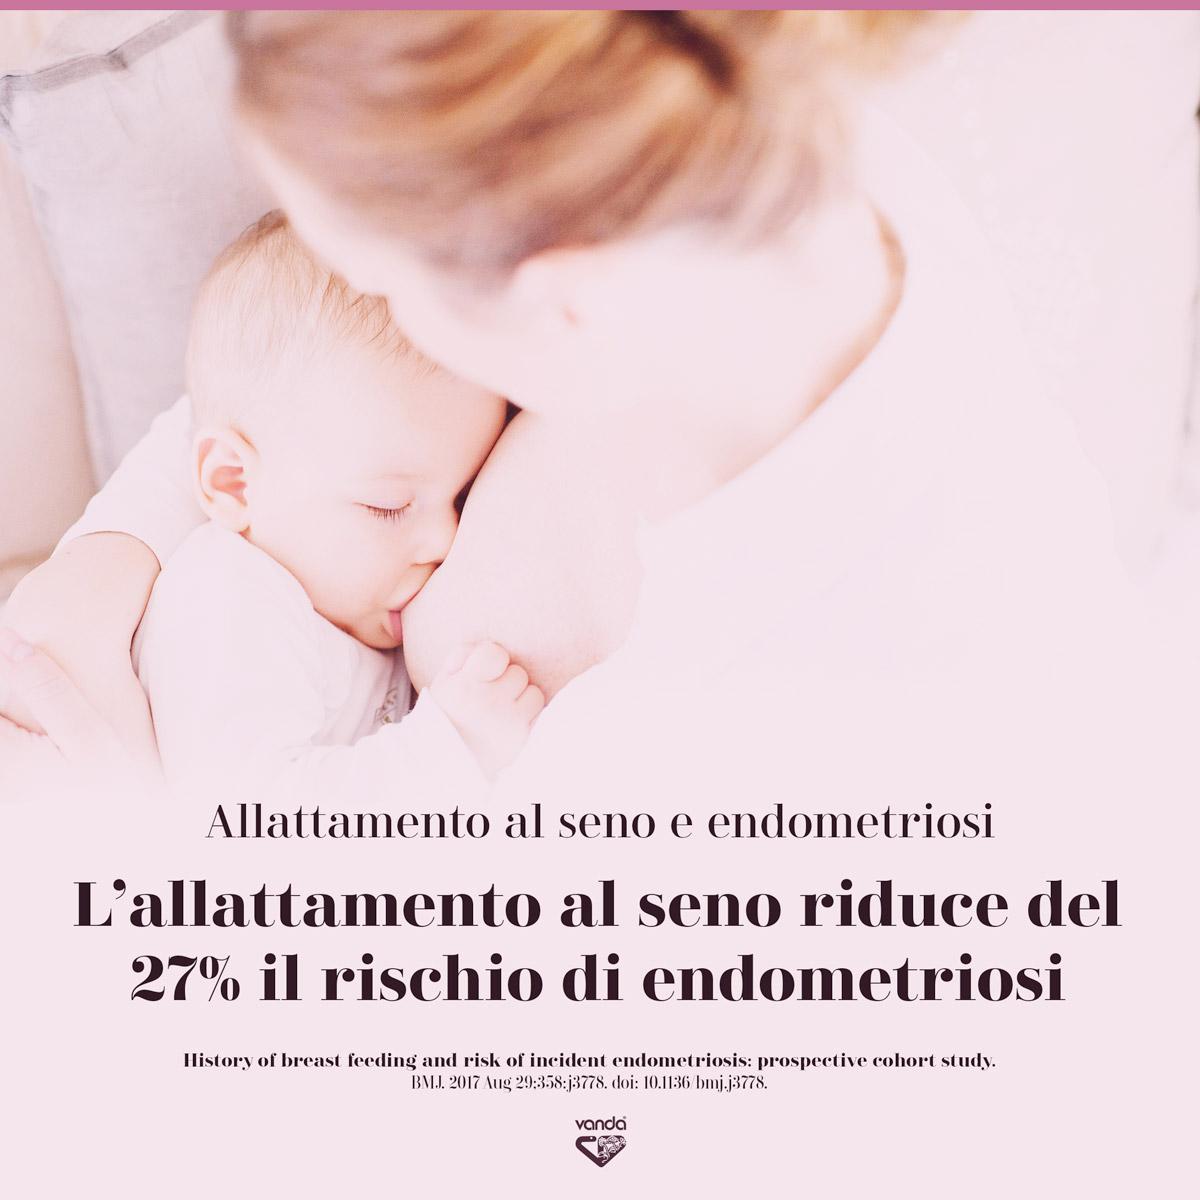 allattamento al seno endometriosi